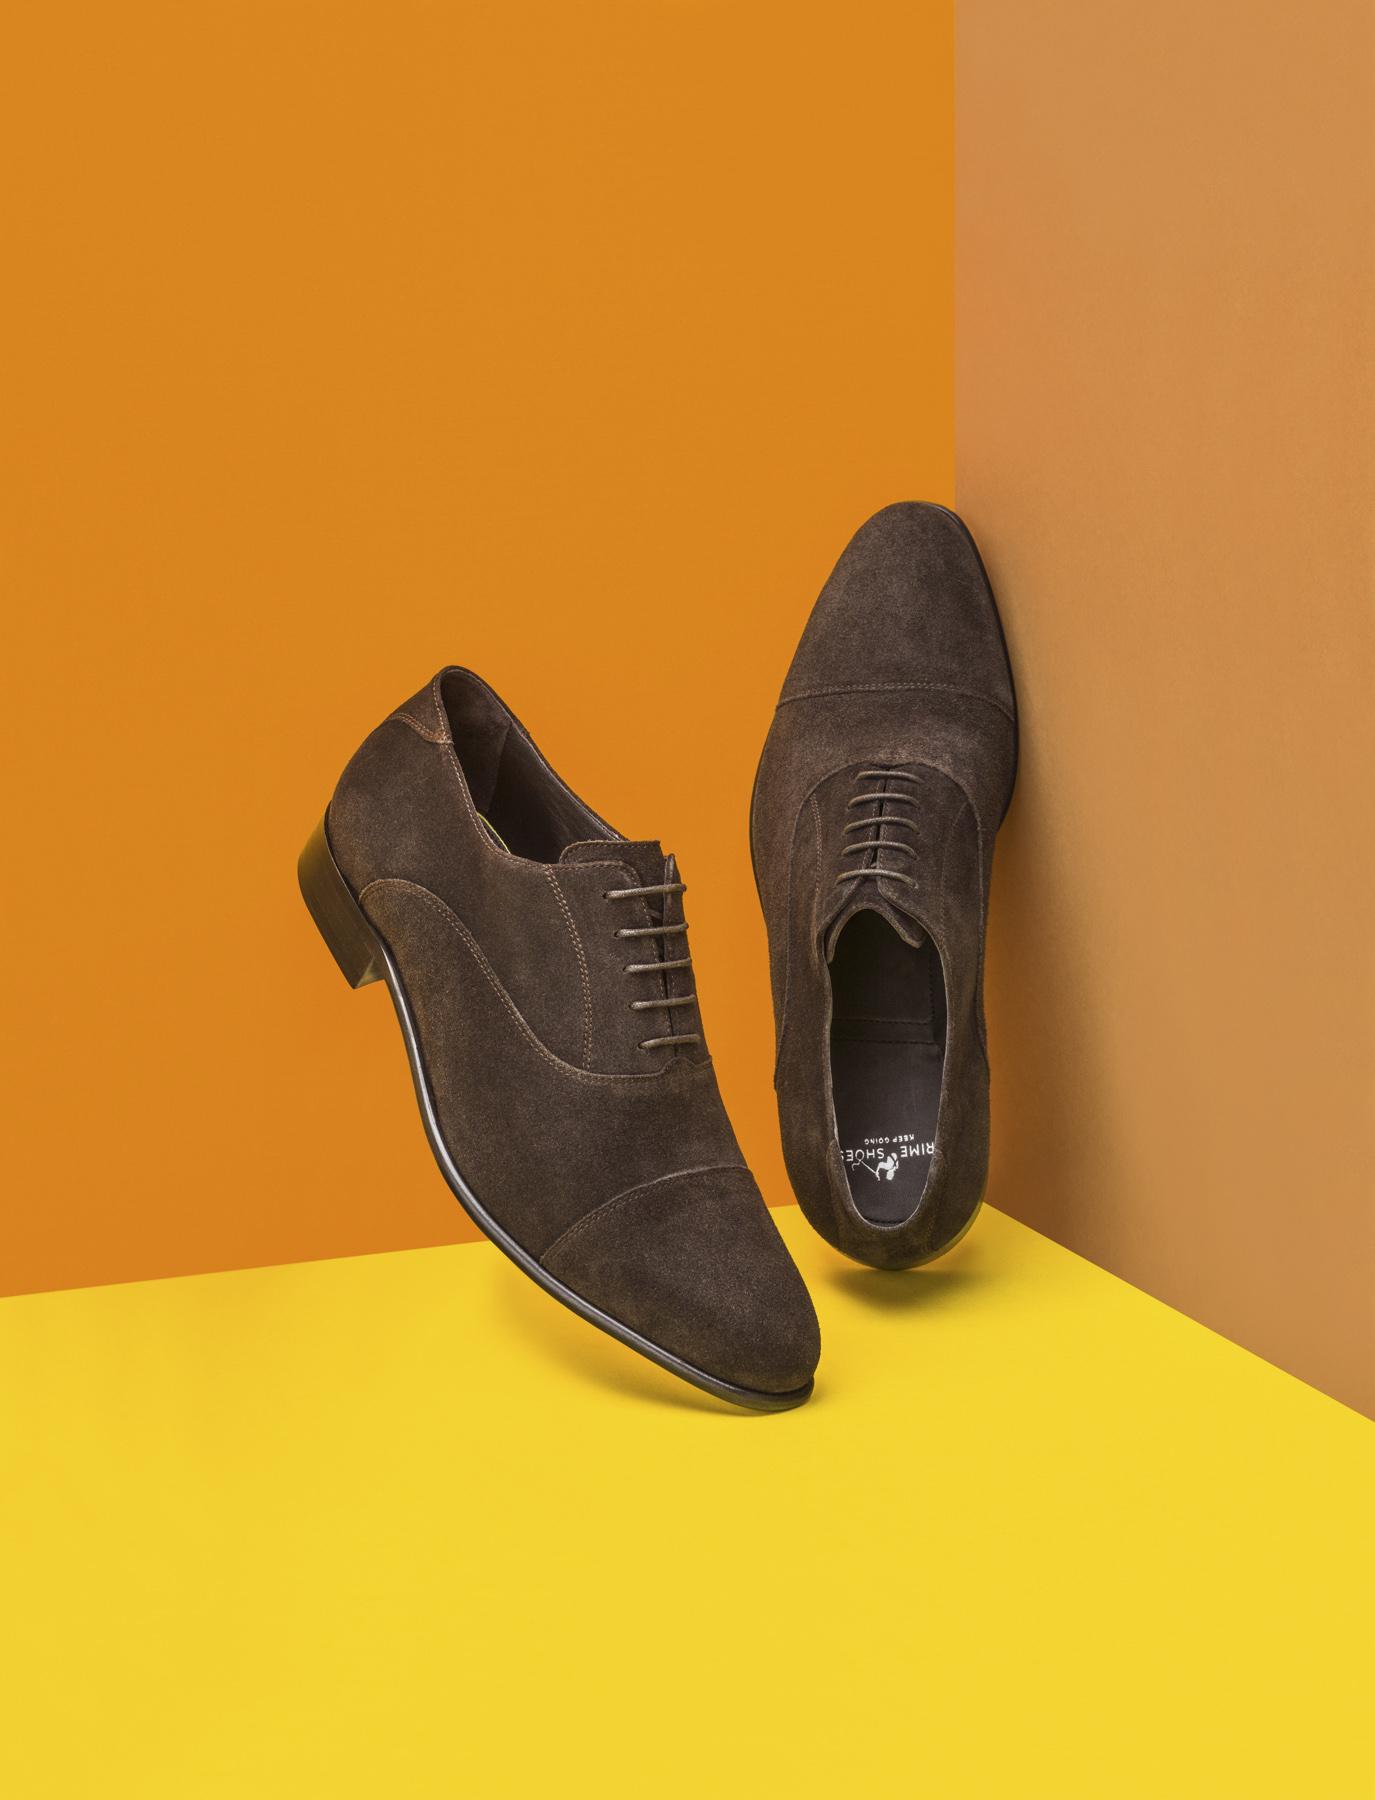 Stilllife mit Herren Anzugschuhe mit farbigem Hintergrund. Prime Shoes - Derek Henthorn - Fotograf München